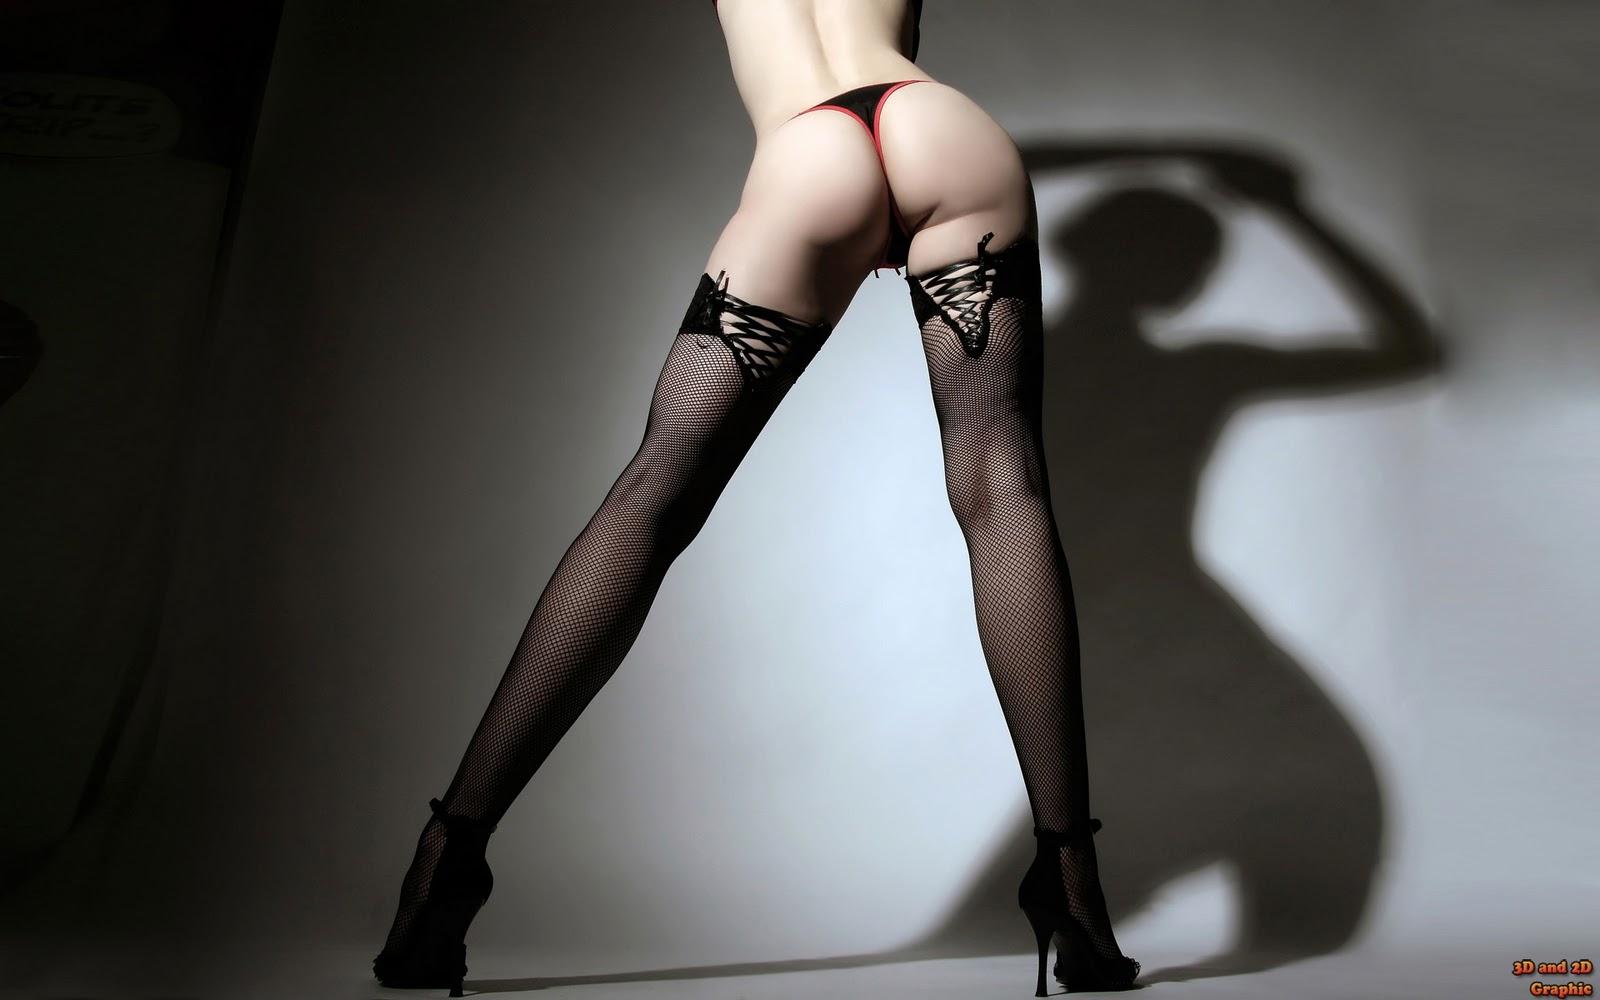 http://2.bp.blogspot.com/_vTQcDXfTeUo/TMv3i2fxQRI/AAAAAAAAAfc/lGdZJZDgNAA/s1600/www.freehd.blogspot.Com+%2835%29.jpg